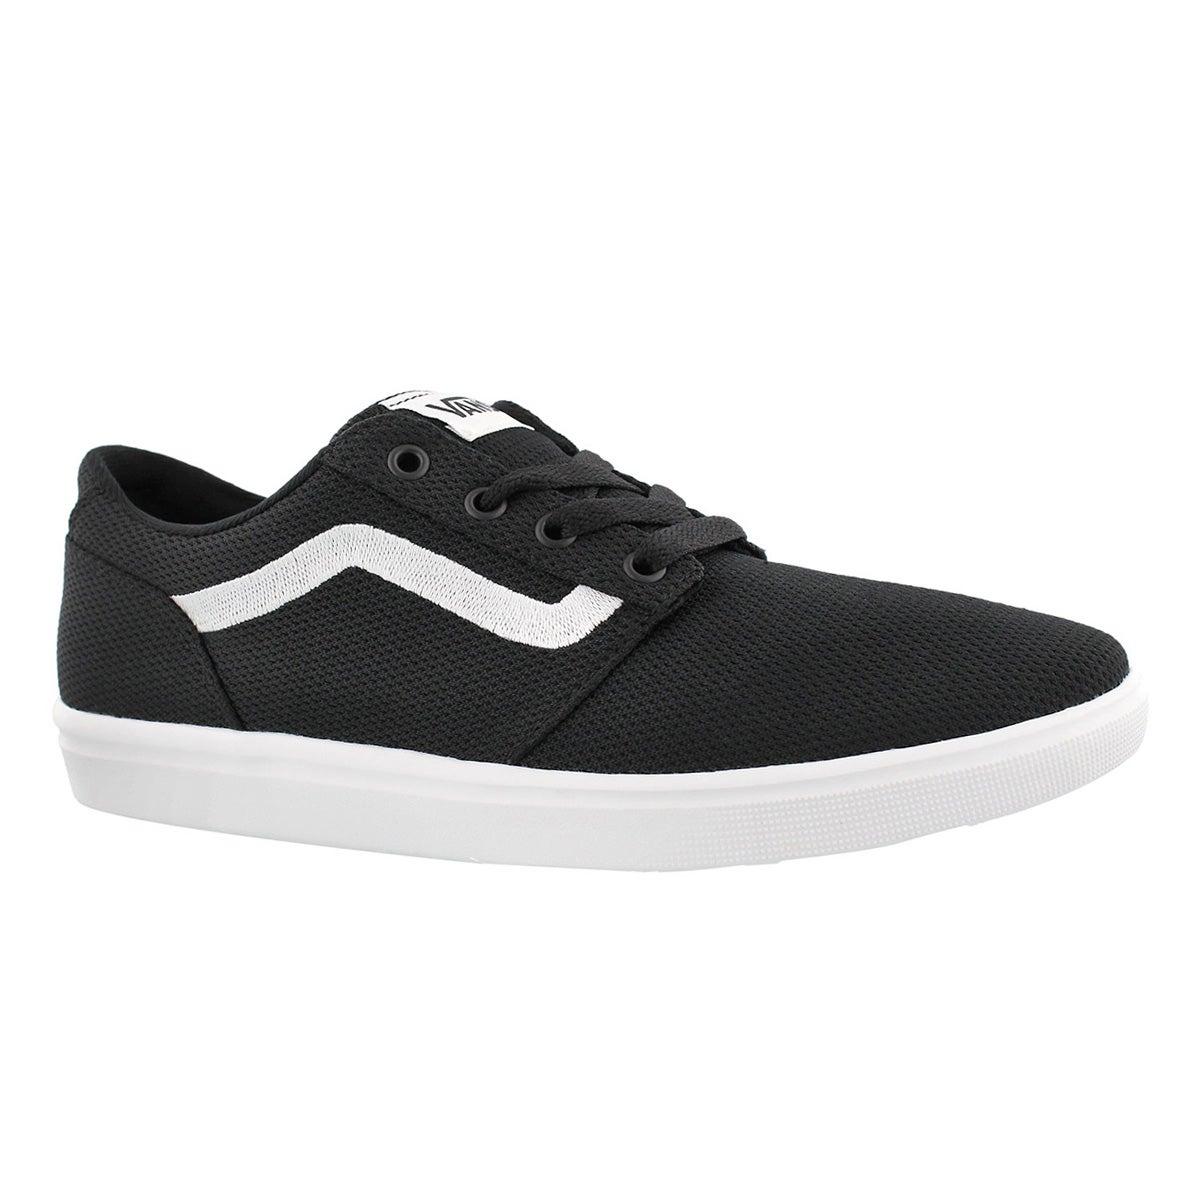 Men's CHAPMAN LITE black/white sneakers